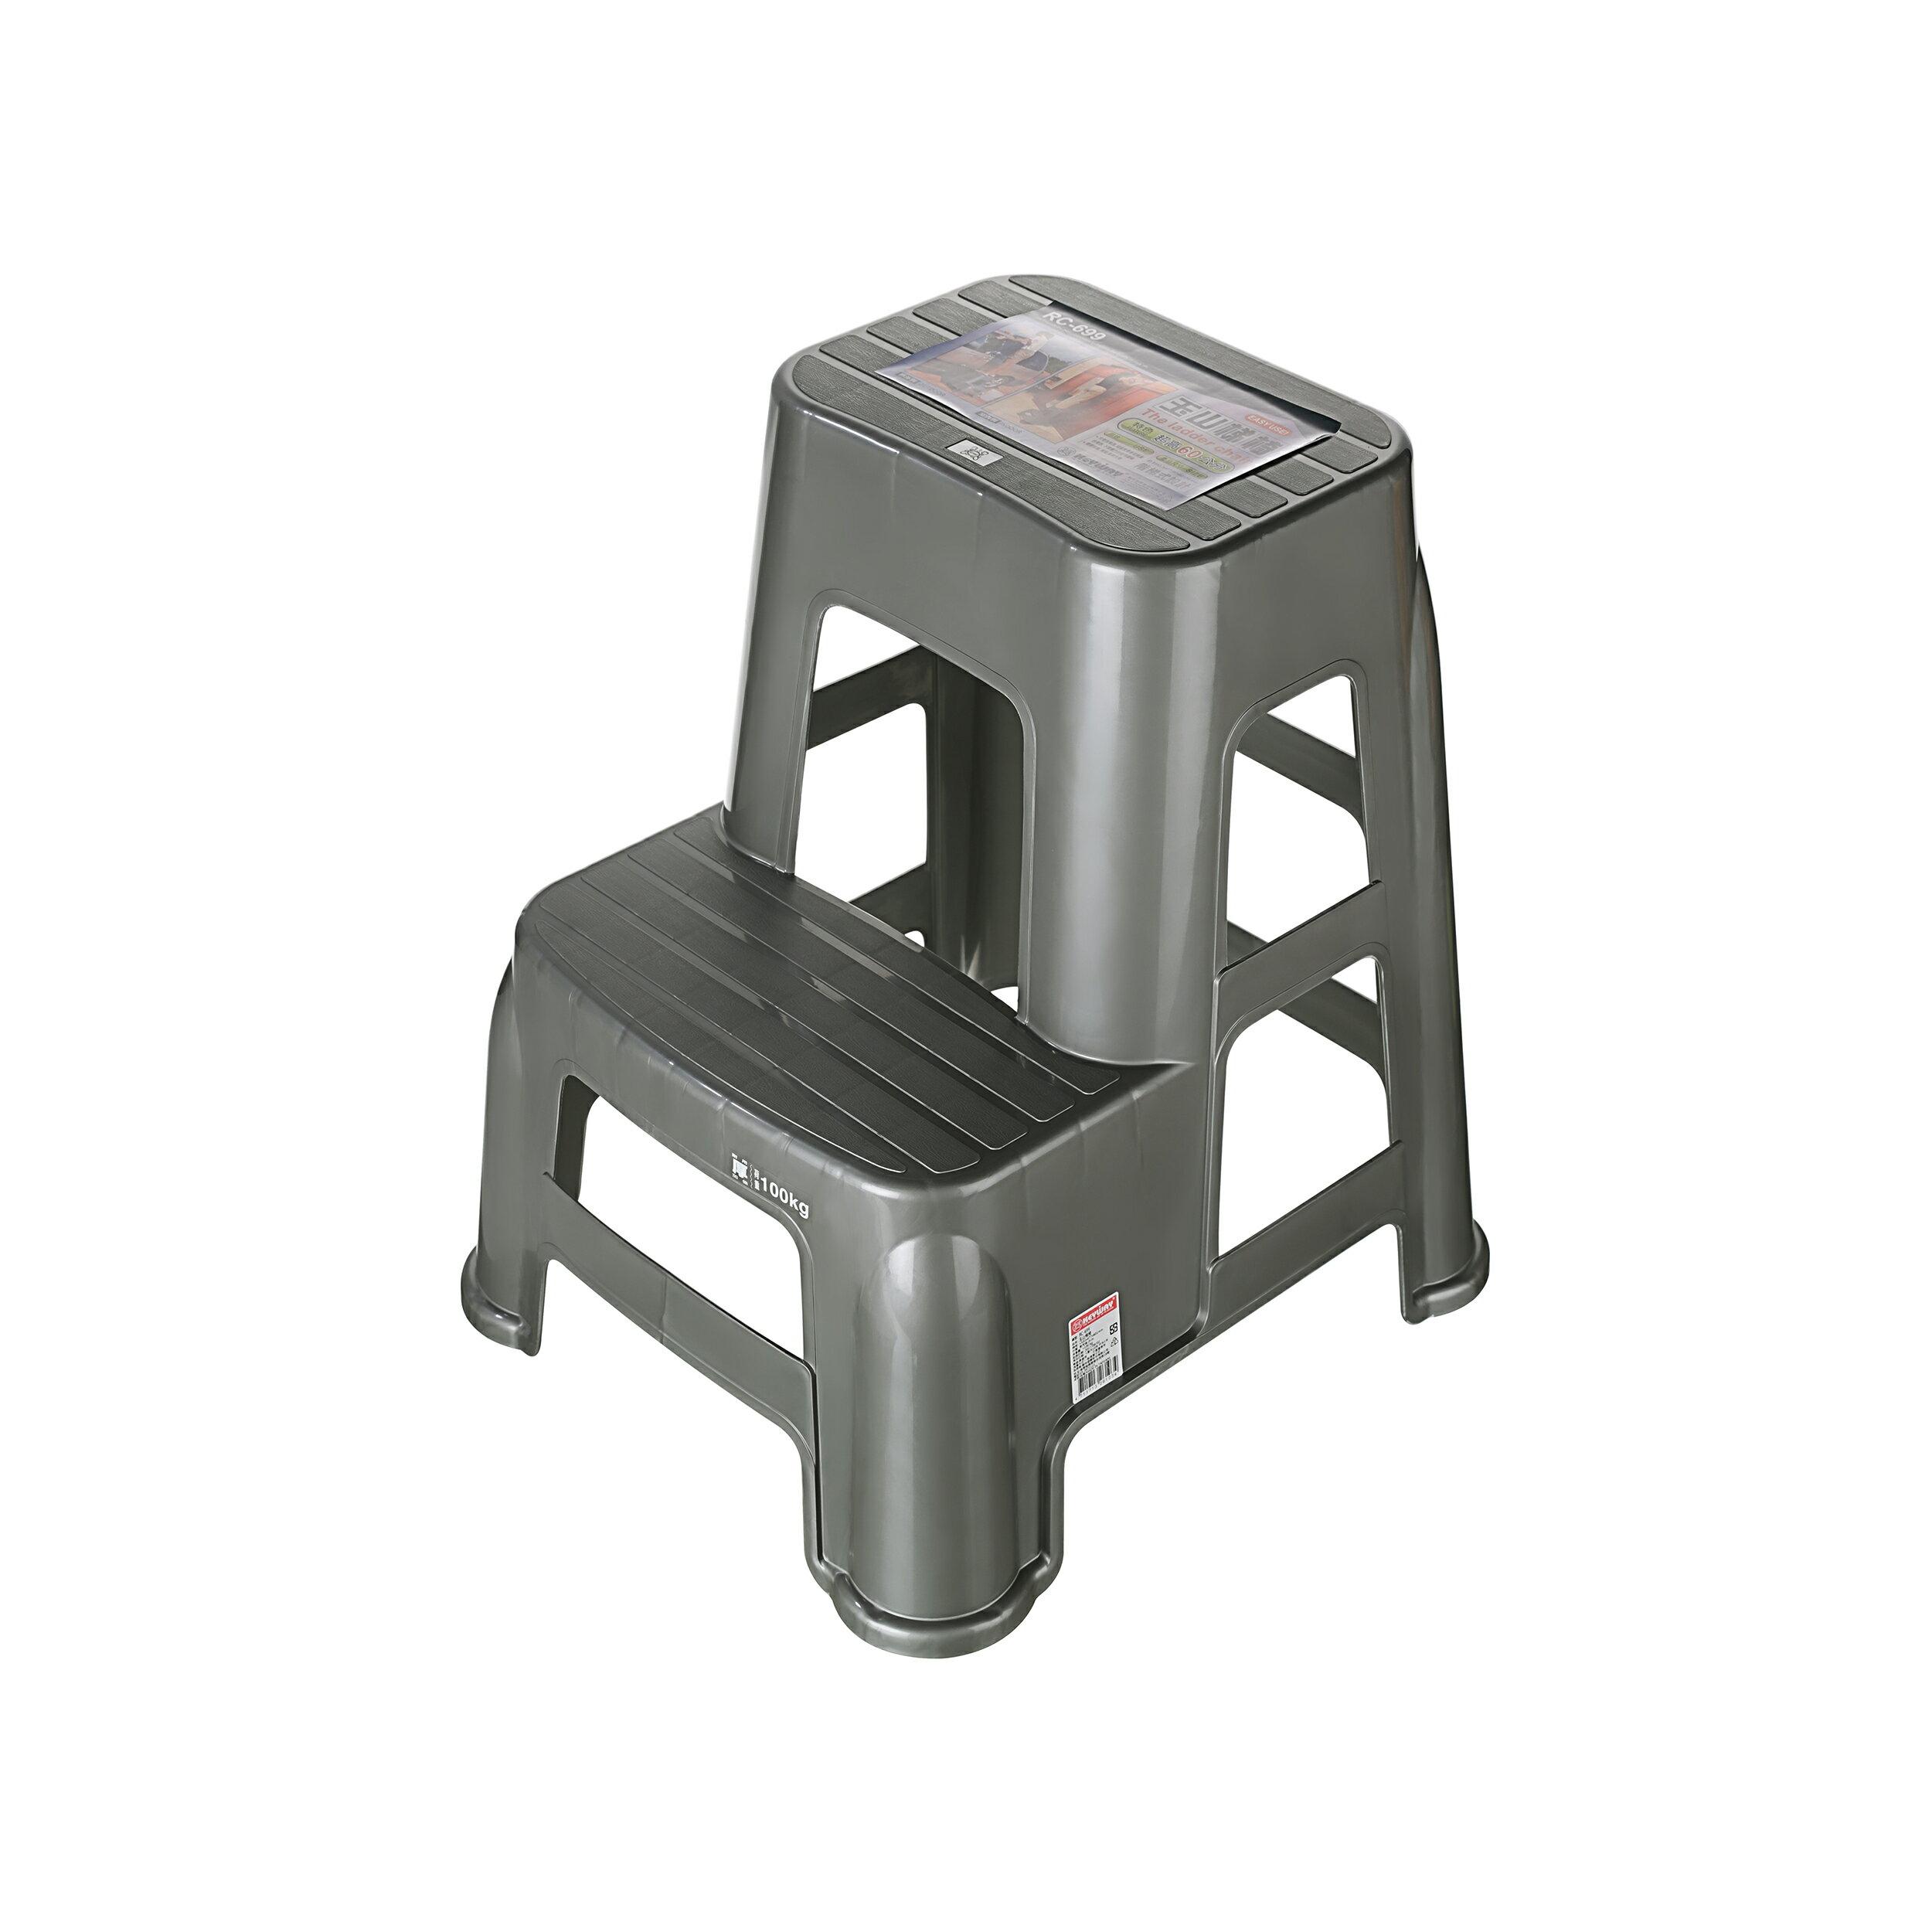 行動梯椅/工具人神器/MIT台灣製造 玉山梯椅  RC-699   KEYWAY聯府